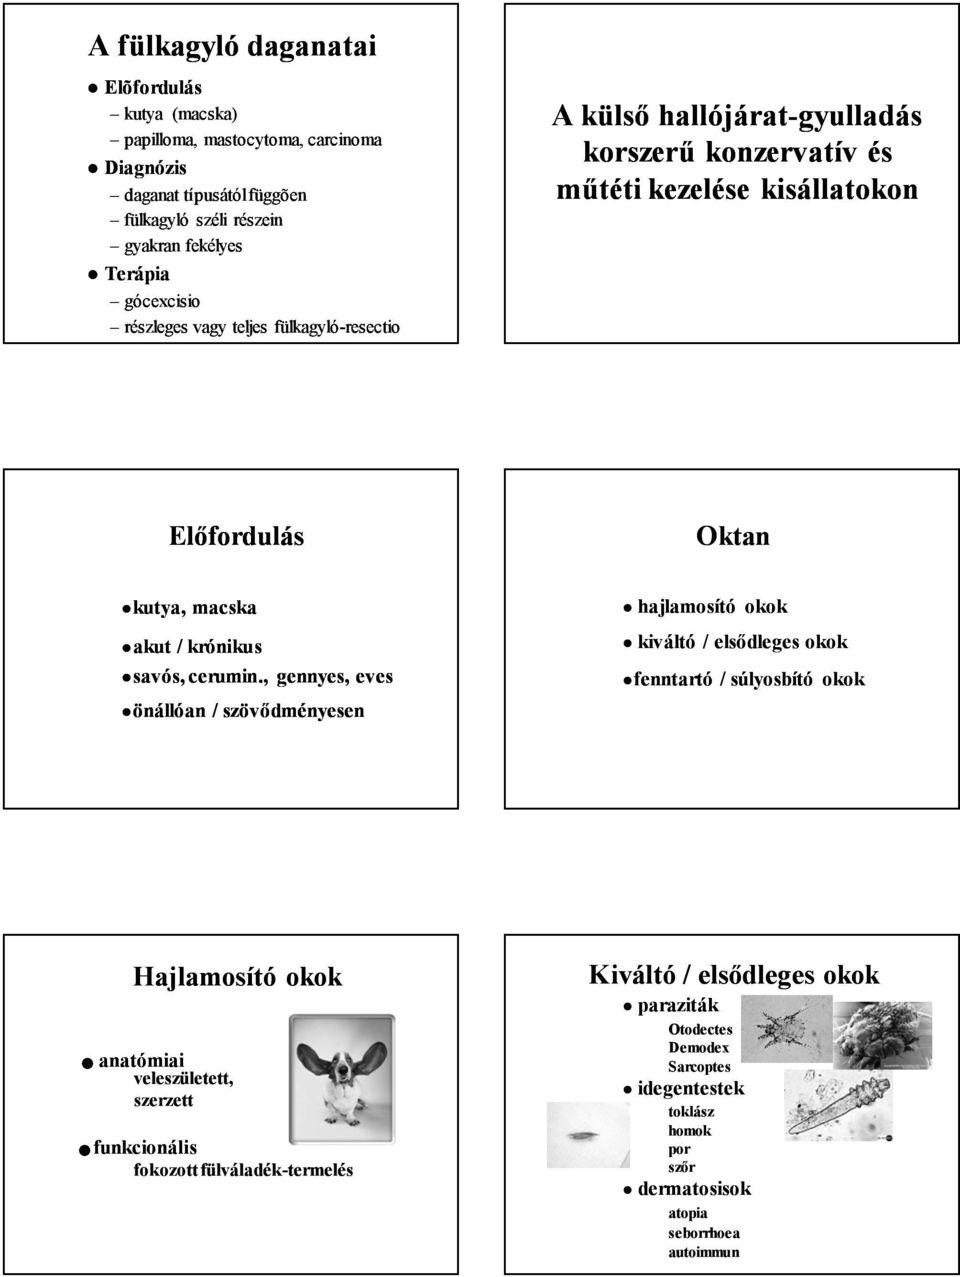 paraziták, amelyek papillómát okoznak